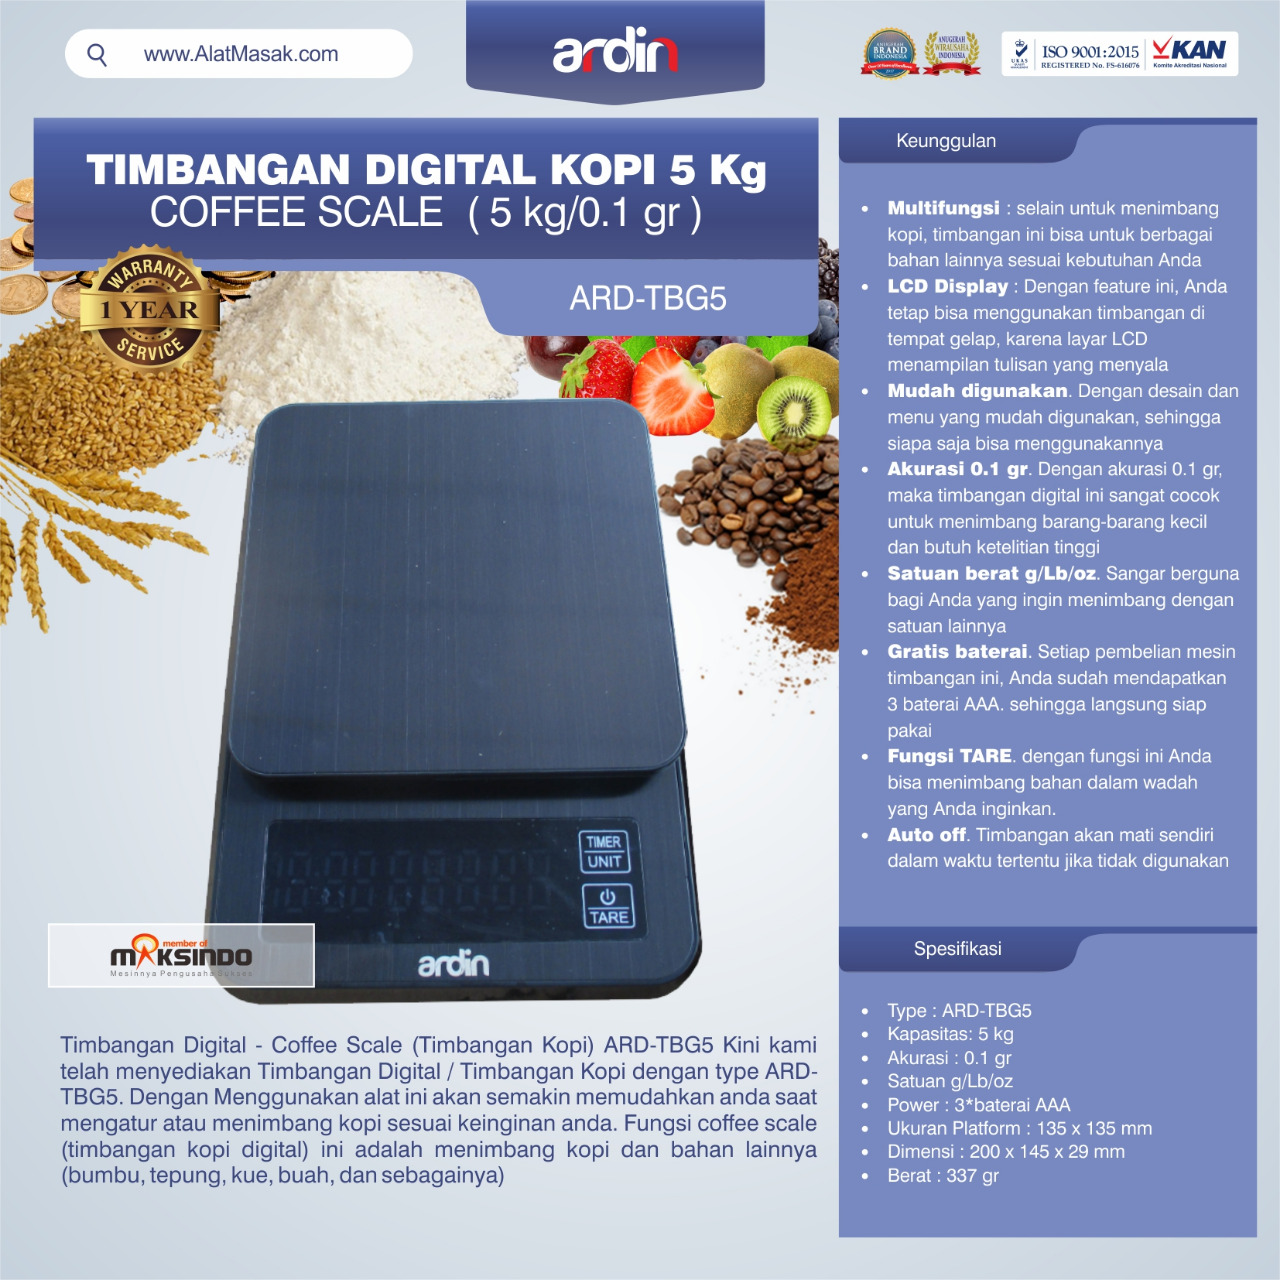 Jual Timbangan Digital Kopi 5 kg ARD-TBG5 (coffee scale) di Malang